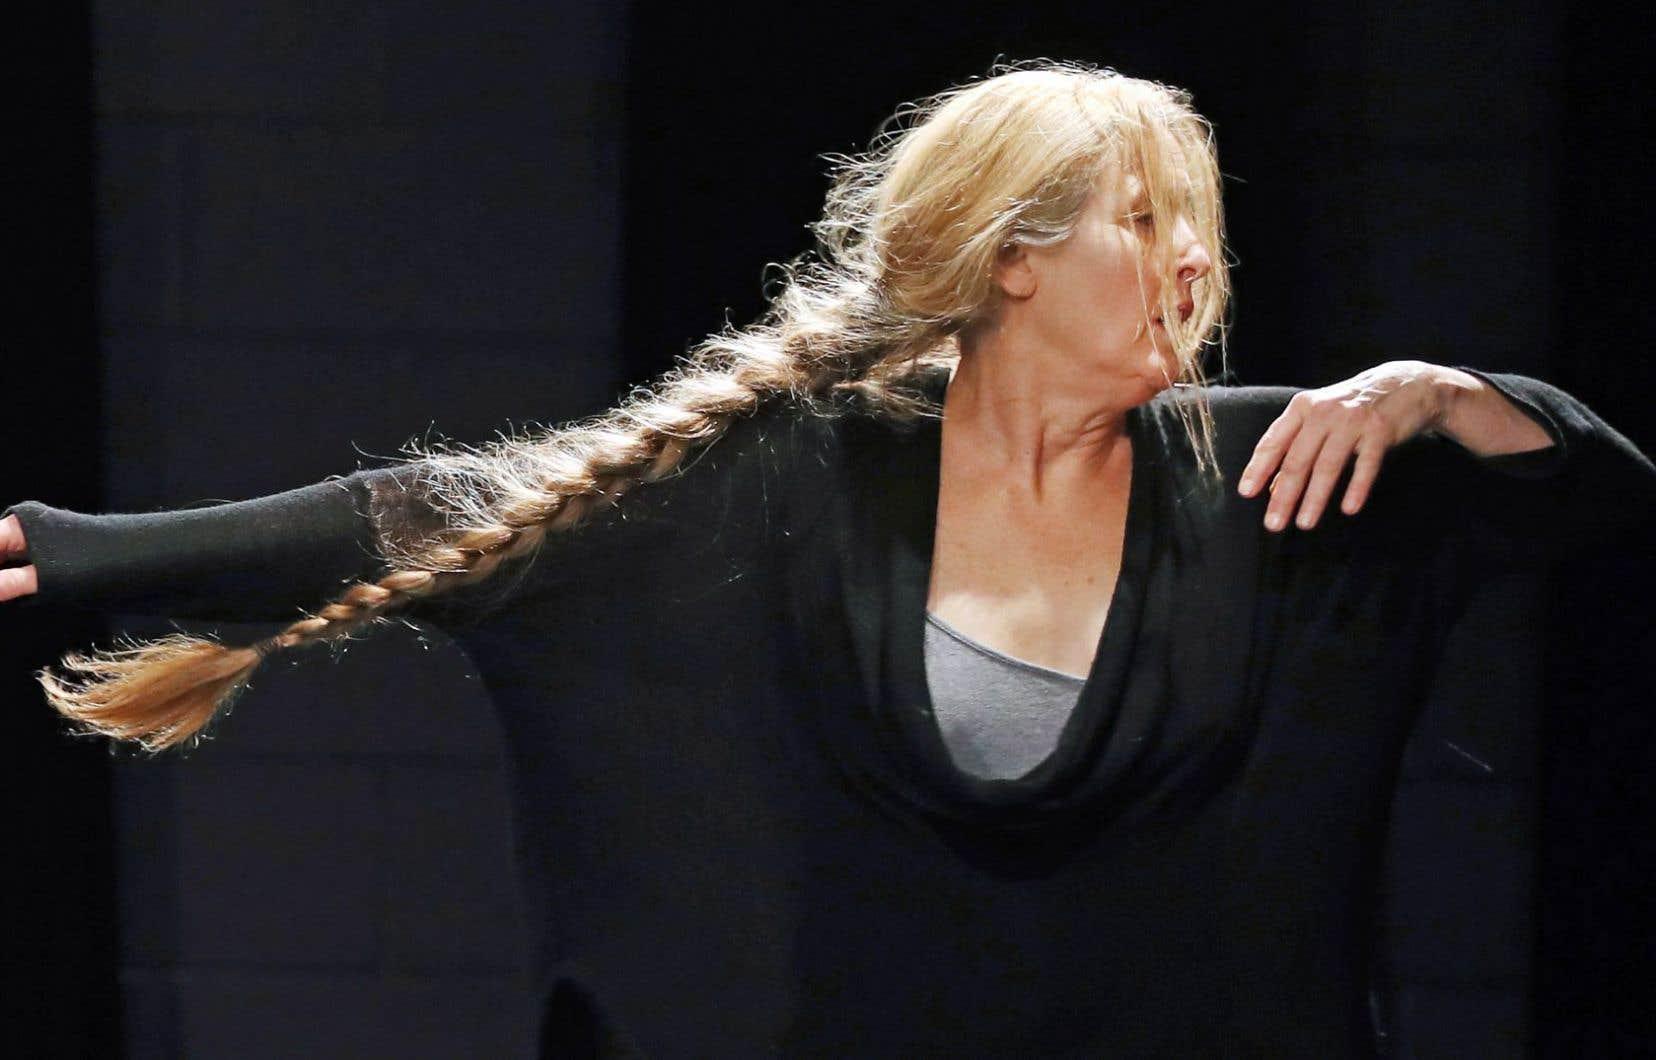 «Projet Héritage», de Margie Gillis, permet à la danseuse de léguer une part de ce qu'elle a construit et compris au cours de sa remarquable carrière.